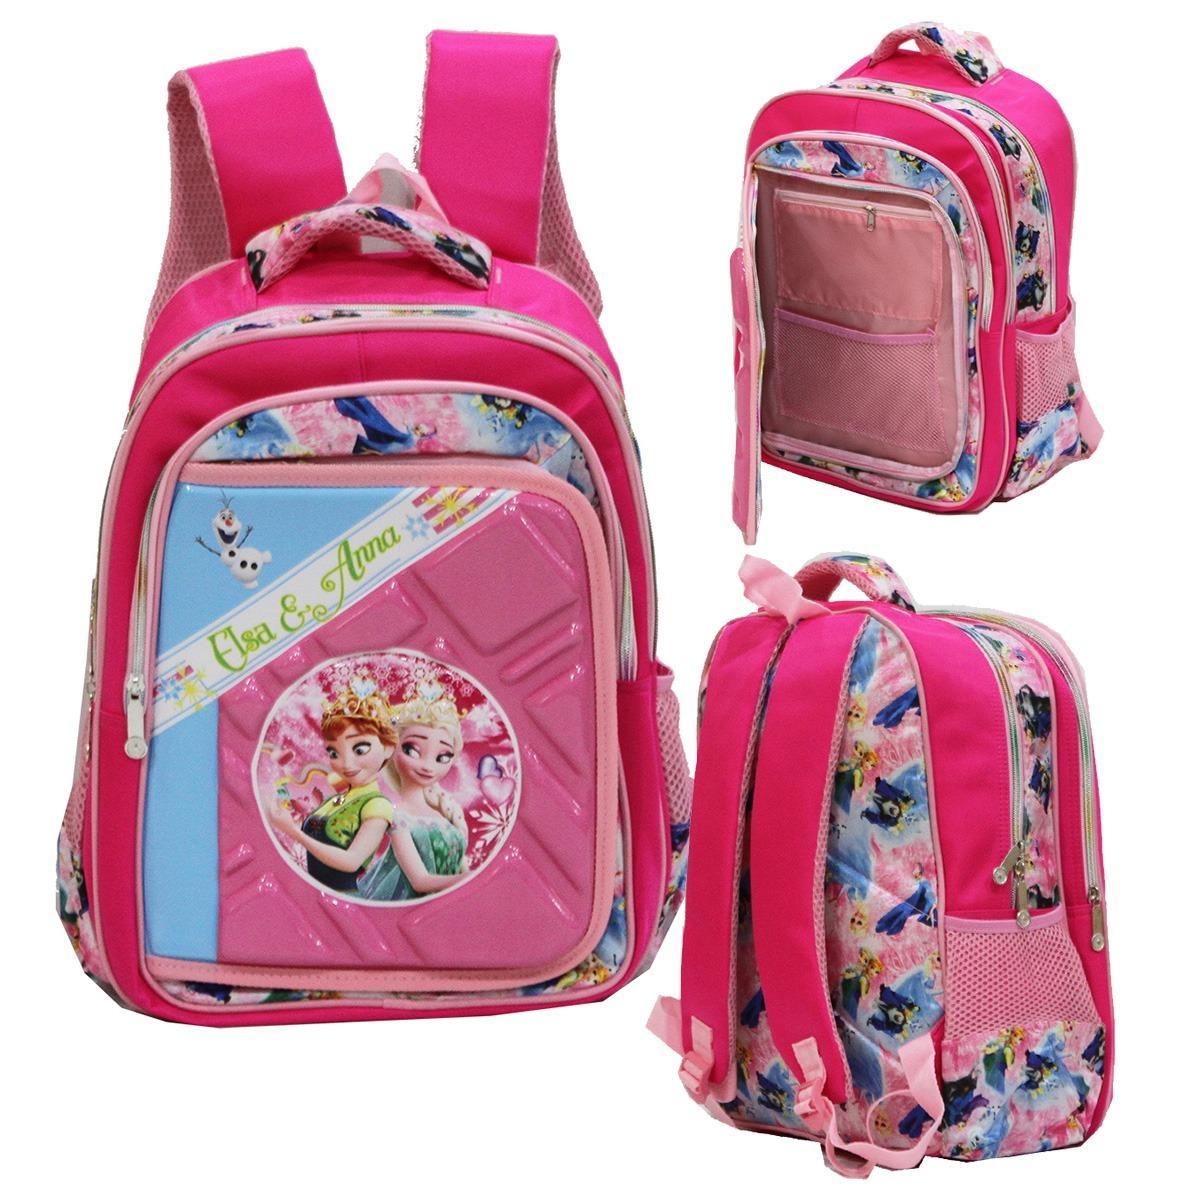 Toko Onlan Disney Frozen 6D Timbul Ransel Big Bag Sch**L Import Pink Murah Dki Jakarta